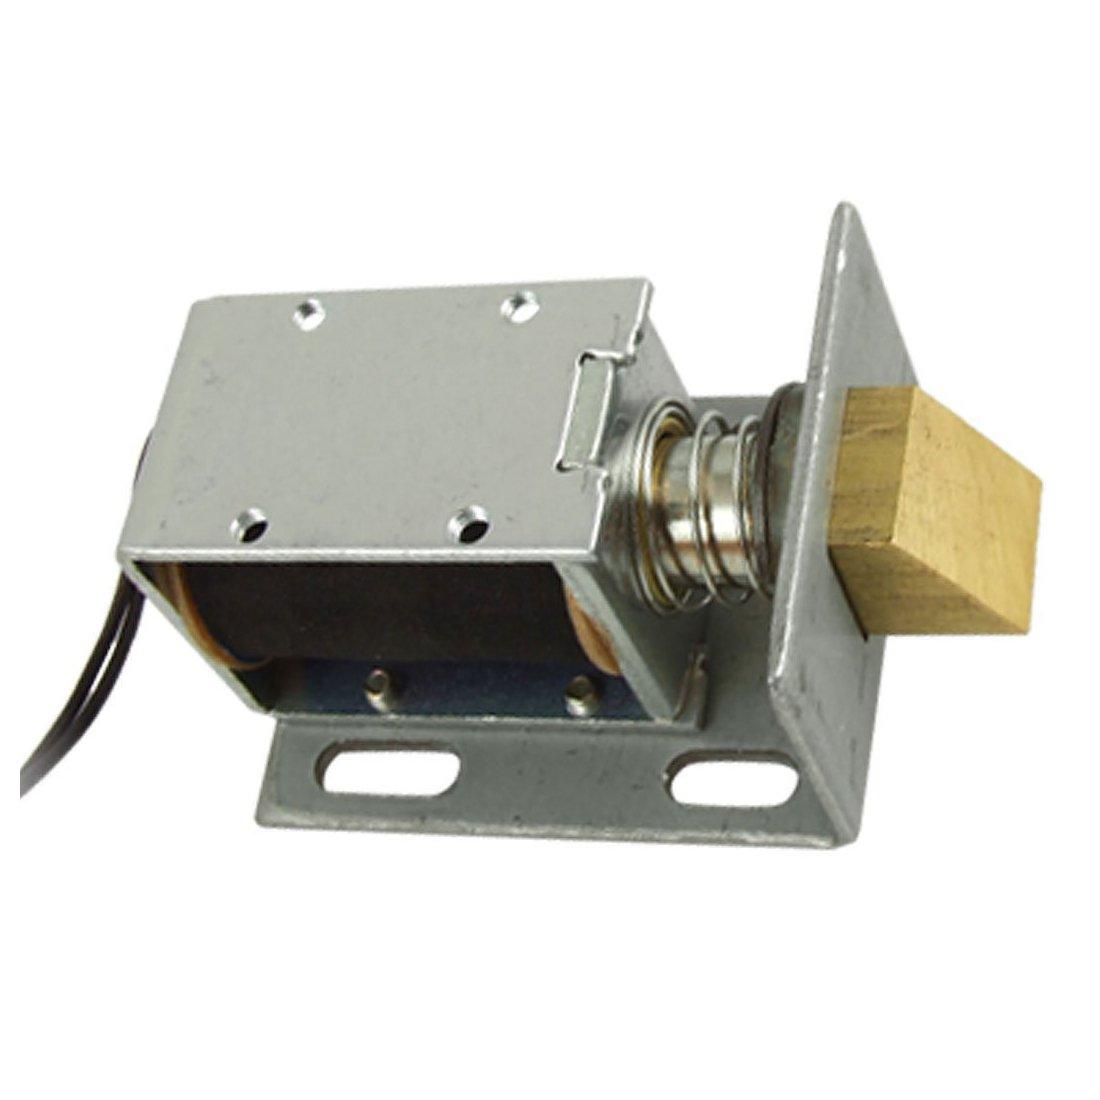 Door Solenoid - SODIAL(R)DC 12V Open Frame Type Solenoid for Electric Door Lock Silver